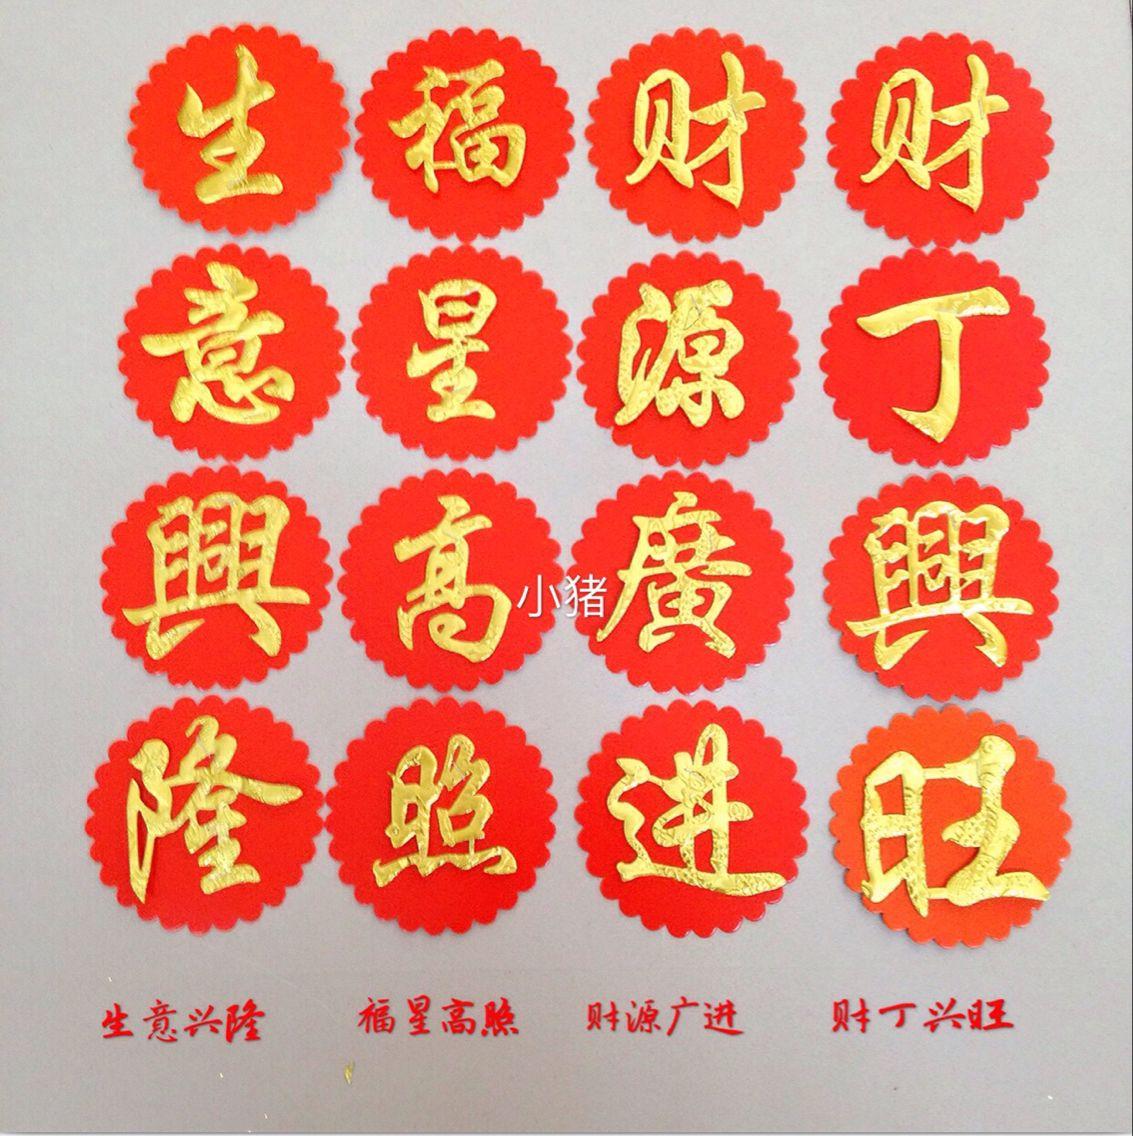 中秋赏月拜月娘折塔DIY材料 雷金字 花篮水果搭配件金字 满88包邮